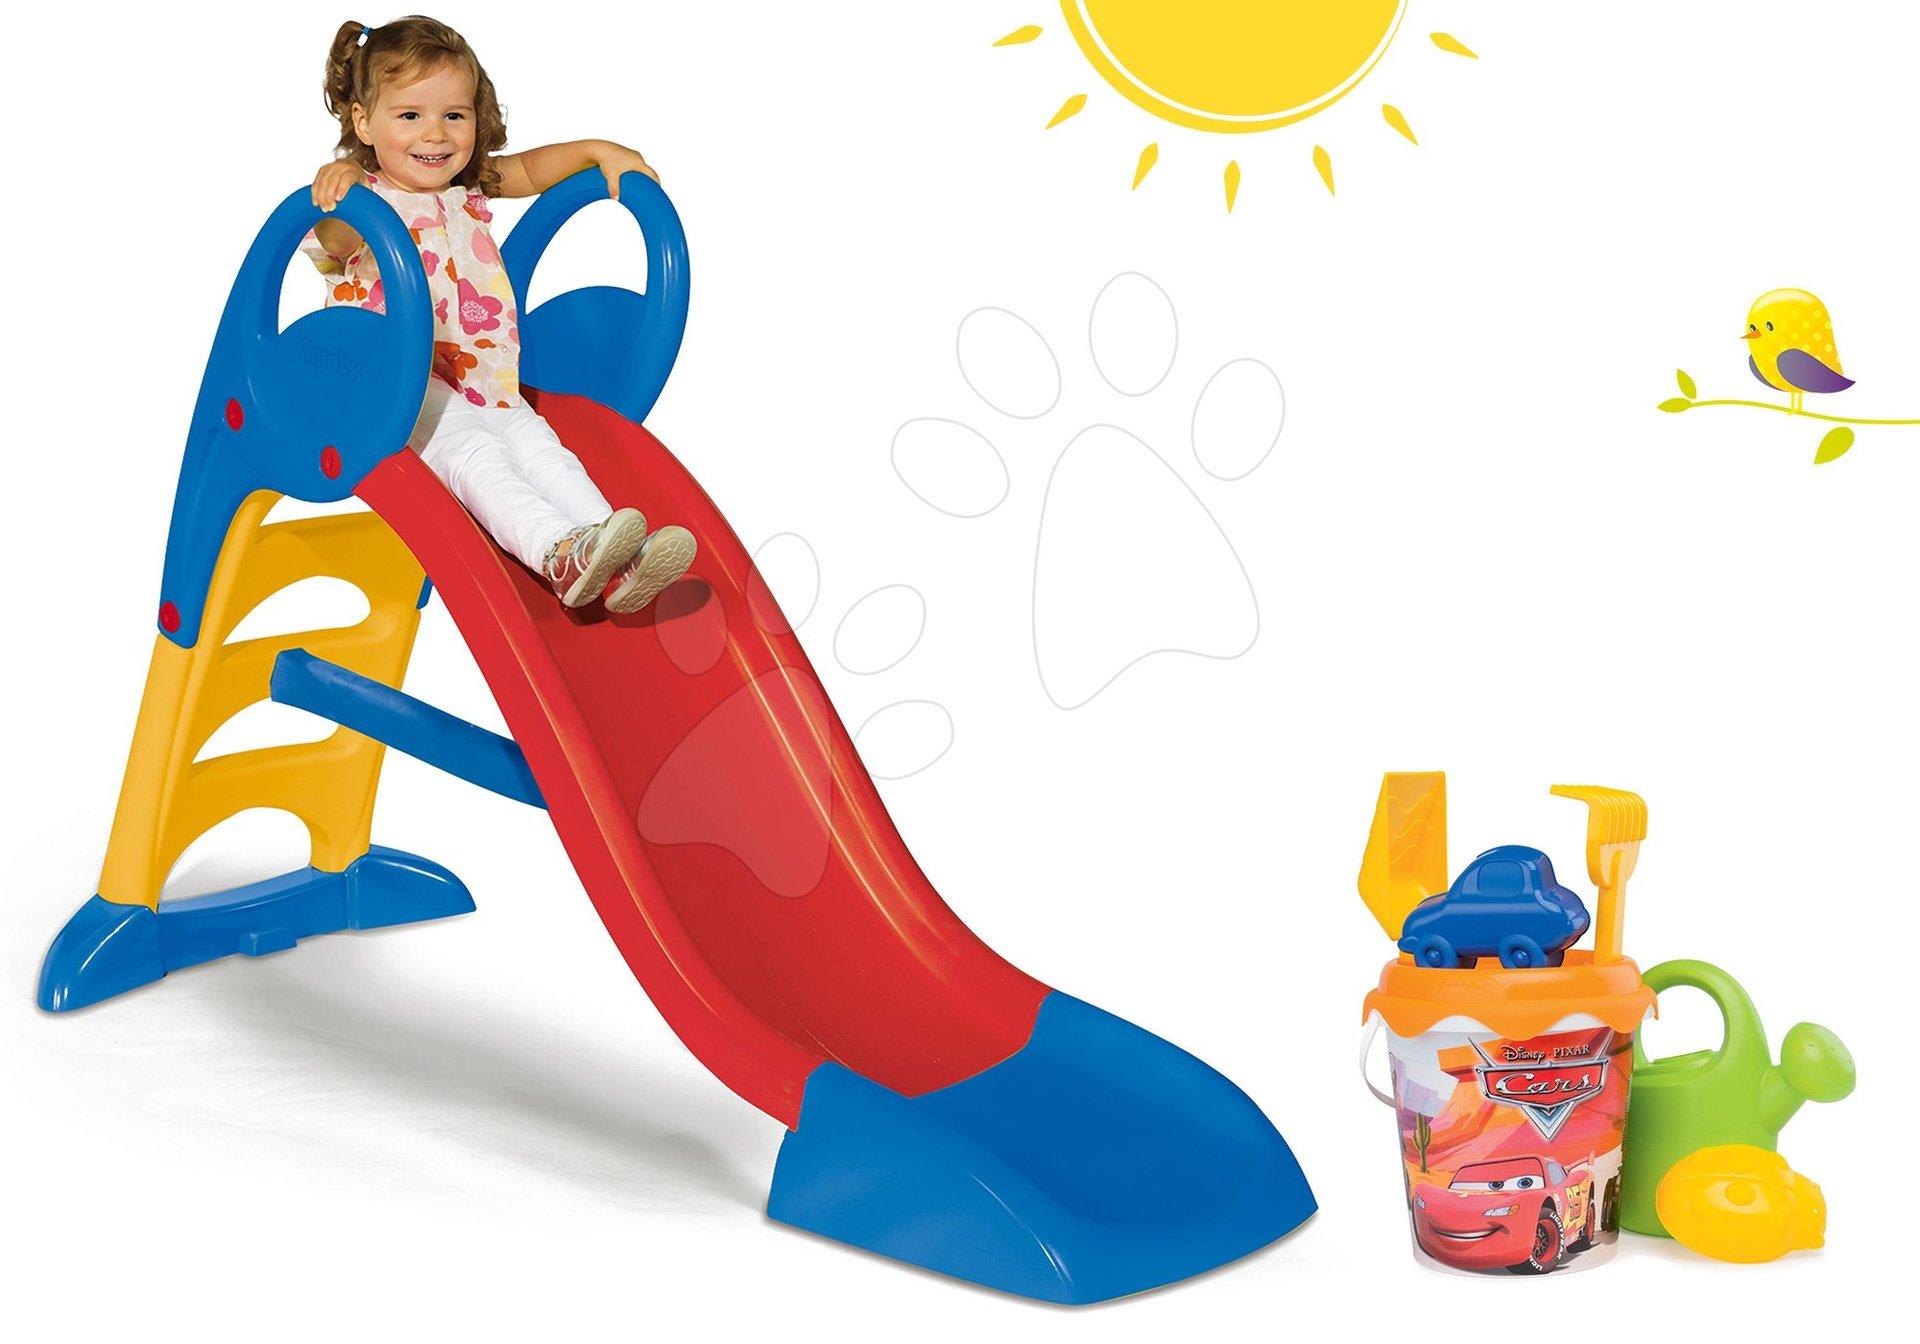 Skluzavky pro děti - Set skluzavka Toboggan KS Smoby 150 cm s vodou a kbelík set do písku Auta od 24 měsíců